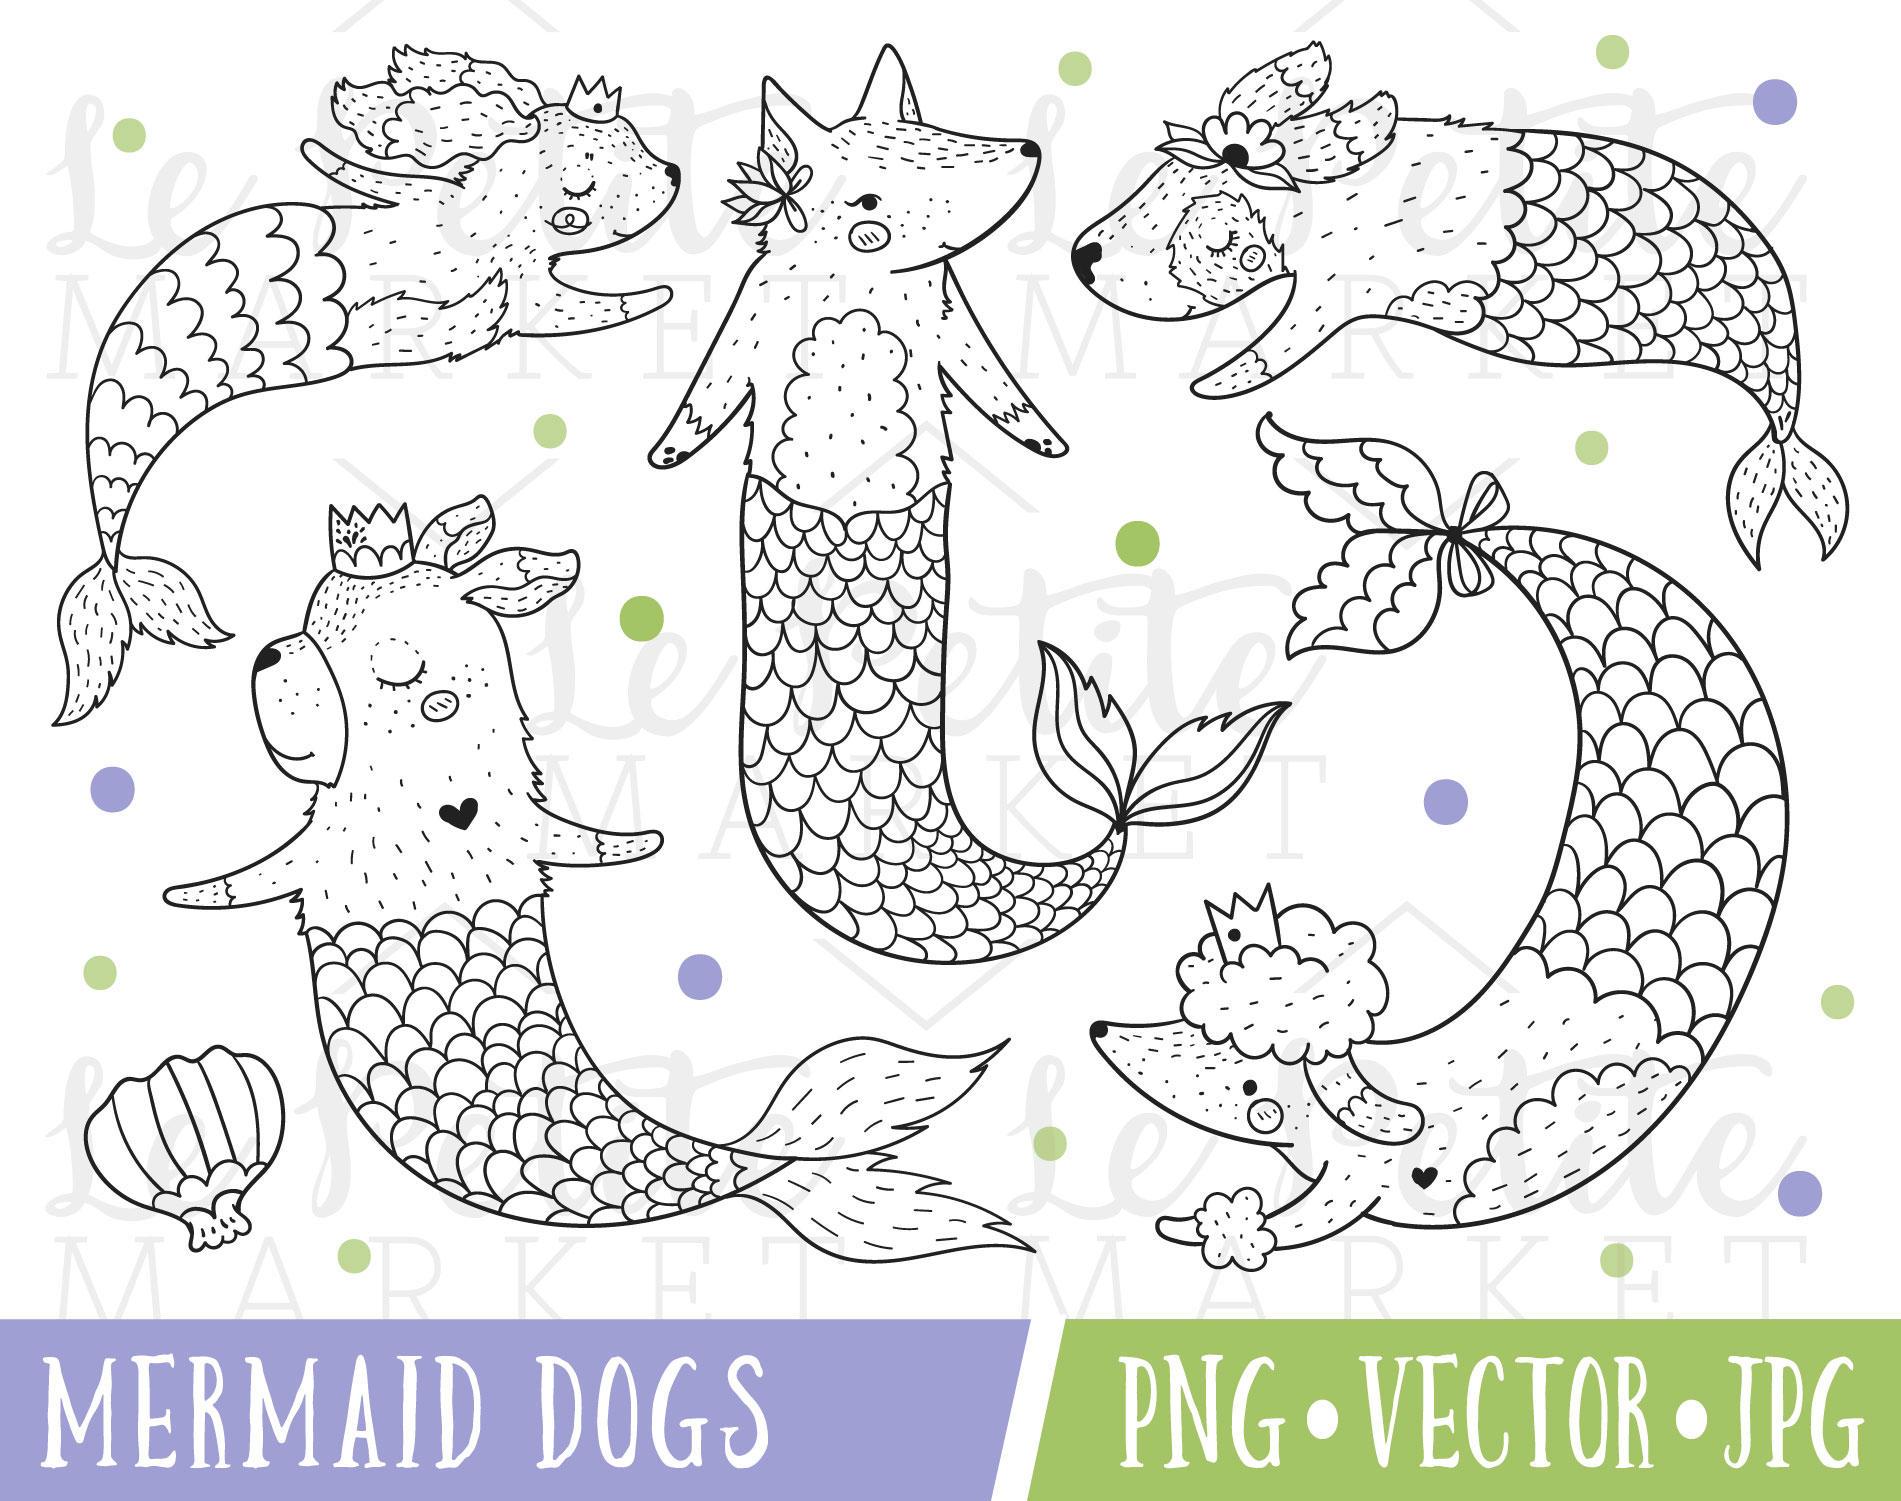 Sirena de perros Imágenes Prediseñadas imágenes prediseñadas | Etsy